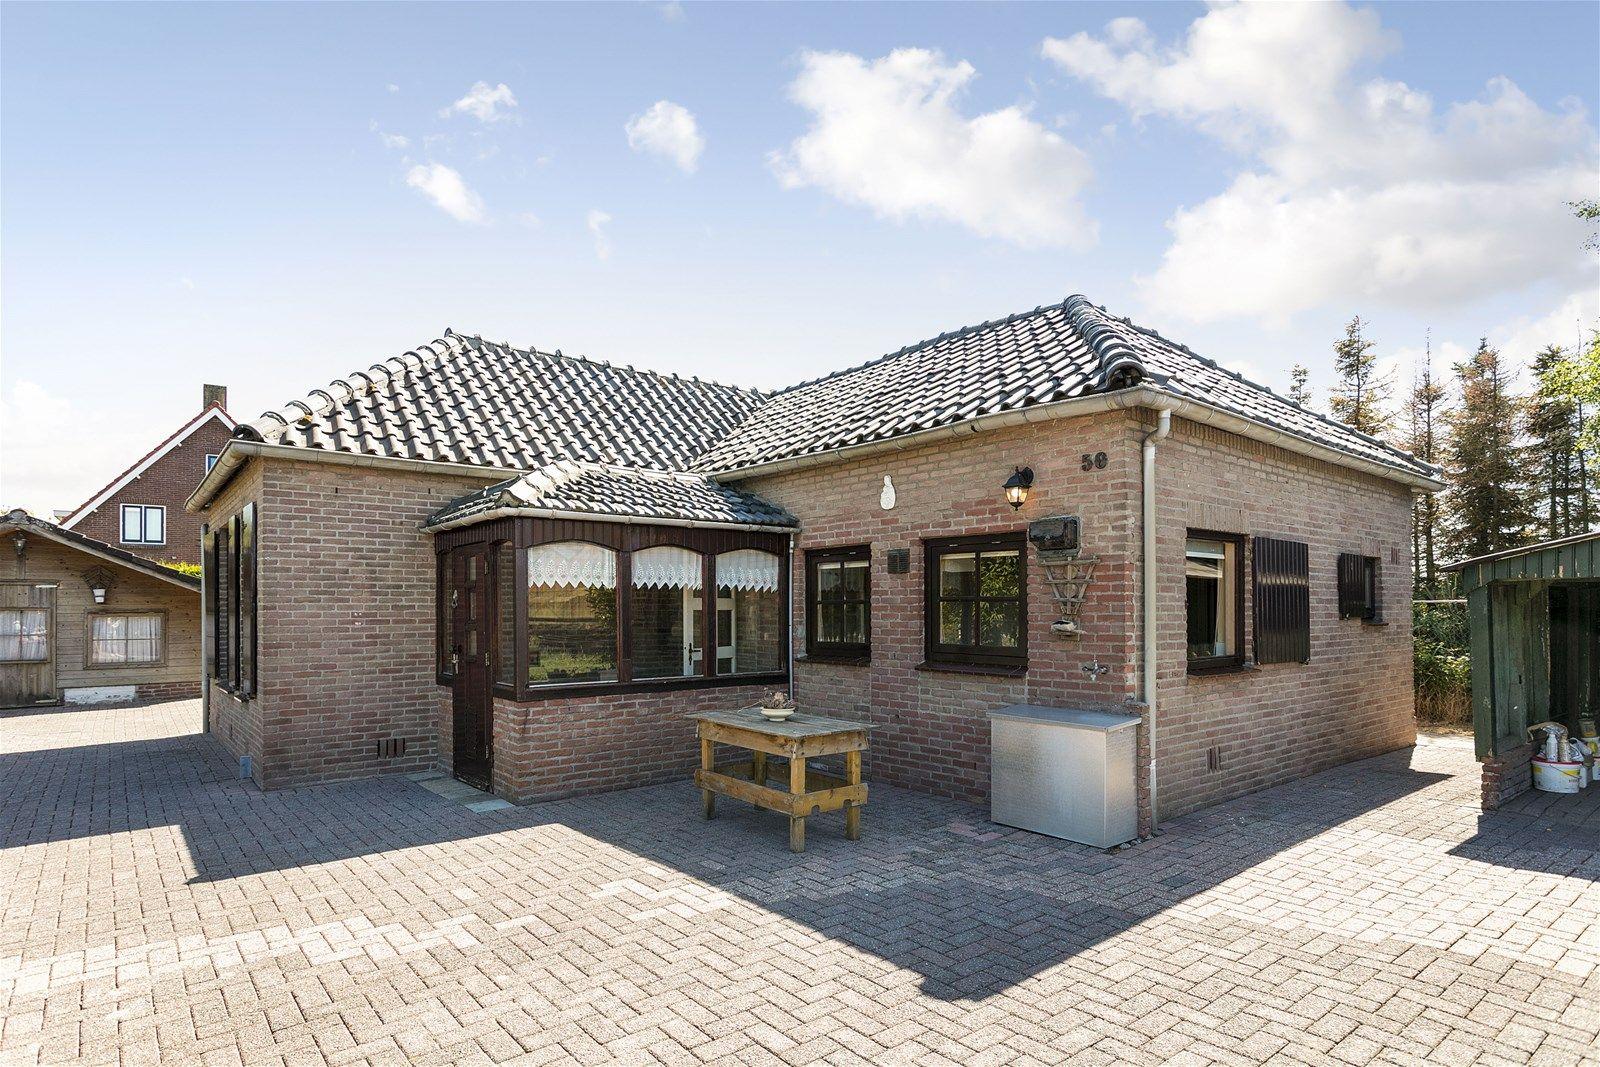 Deze vrijstaande kluswoning is gunstig gelegen op een perceel van 587 m² in het groenrijke buitengebied van Etten-Leur. In de nabijheid van diverse natuurgebieden, op zeer korte afstand van het bruisende dorpscentrum en diverse uitvalswegen richting Breda, Rotterdam, Antwerpen en Roosendaal.  Wie niet bang is om de handen uit de mouwen te steken, kan in zijn handjes wrijven. Een ware klusser ziet hier alleen maar mogelijkheden- een uitgelezen kans het geheel naar eigen wens en smaak te verbouwen. Aan de achterzijde heeft u ook nog eens prachtig uitzicht over de uitgestrekte landerijen!   BEGANE GROND Entree/hal met toegang tot de woonkamer en de keuken. Afwerking- tegelvloer, schoonmetselwerk wanden en een MDF plafond.  Woonkamer met toegang tot de twee slaapkamers en het tussenportaal naar de keuken en de hal. Afwerking- tegelvloer, behangen wanden en een Agnes platen plafond.  Slaapkamer 1- ruime slaapkamer aan de achterzijde. Via een luik krijg je toegang tot de ruime bergzolder.  Afwerking- vloerbedekking, deels kunststof en deels behangen wanden en een Agnes platen plafond.   Slaapkamer 2- gelegen aan de achterzijde van de woning. Afwerking- vloerbedekking, behangen wanden en een Agnes platen plafond.  Woonkeuken uitgerust met een kunststof werkblad, spoelbak, 4-pits gaskookplaat, afzuigkap en  kastruimte. Vanuit de keuken zijn de badkamer en toilet te bereiken. Afwerking- tegelvloer, Spachtelputz wanden en een MDF plafond. Meterkast- 4 groepen en 1 aardlekschakelaar.  Eenvoudige badkamer uitgerust met een ligbad, wastafel en toilet. Afwerking- tegelvloer, betegelde wanden en een MDF plafond.  EERSTE VERDIEPING Zeer ruime bergzolder bereikbaar middels een luik in een van de slaapkamers.  EXTERIEUR Half open schuur/carport Opgetrokken met hout.  Vrijstaande berging/tuinhuis Opgetrokken met hout en toegankelijk via een loopdeur. Deze ruimte beschikt over een gaskachel en elektra.  Vrijstaande berging Opgetrokken met deels steen en deels hout. Toegankelijk via twe